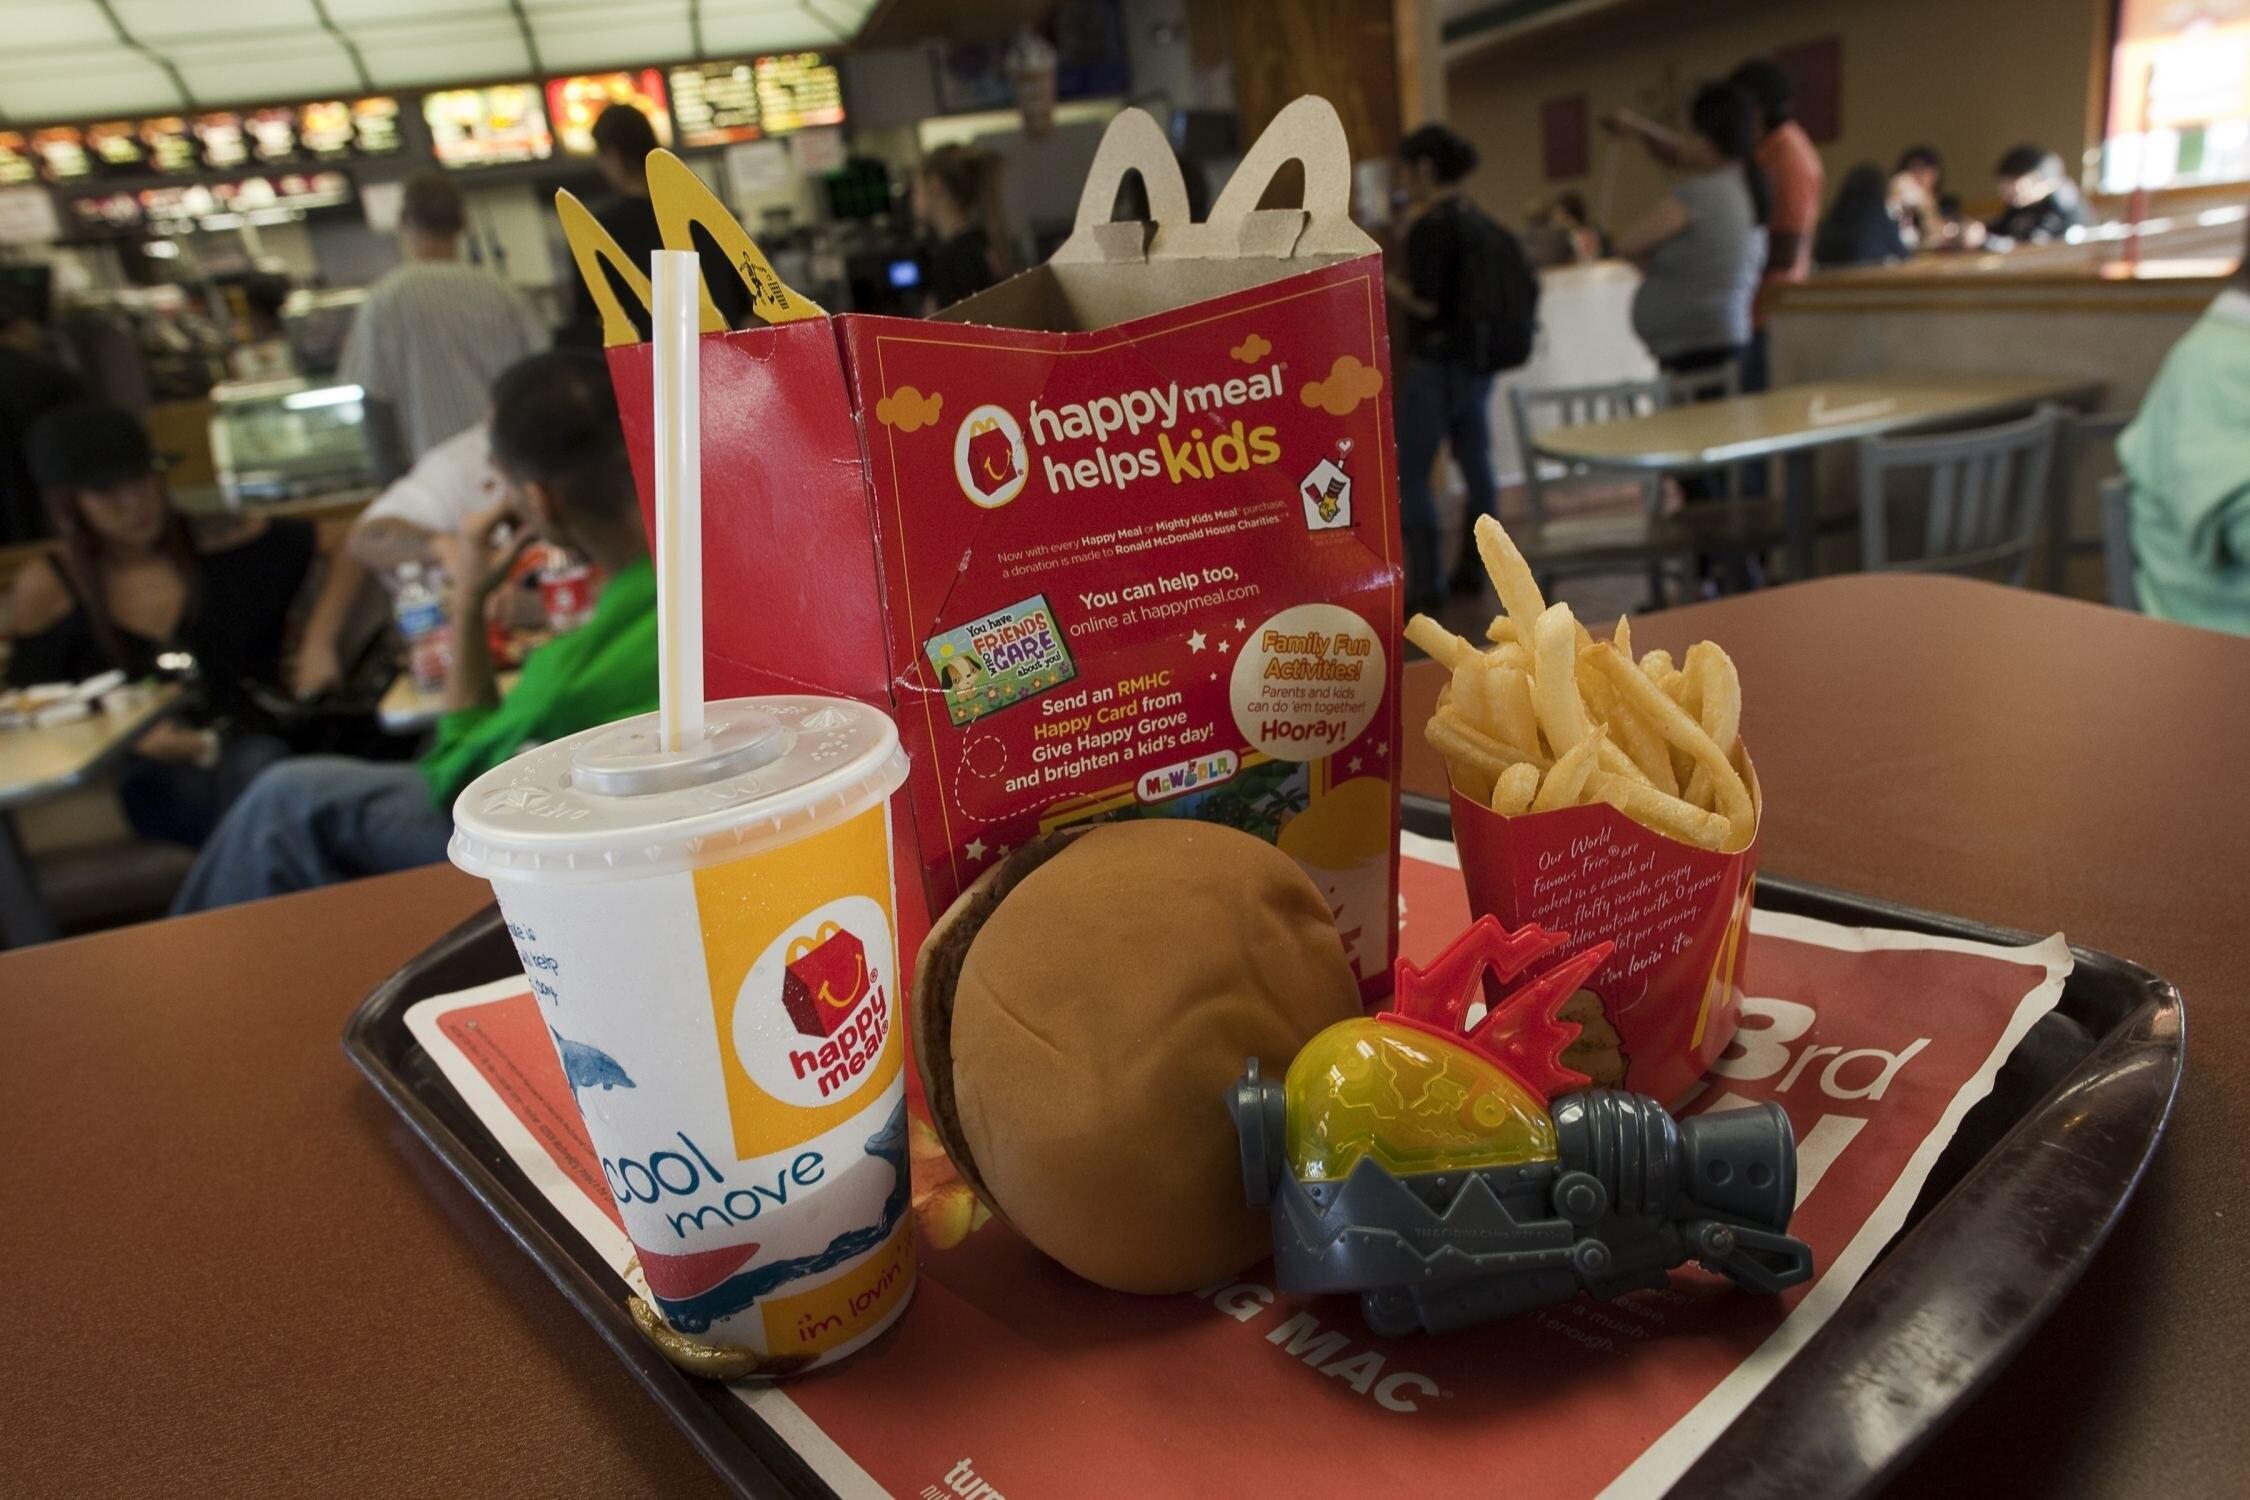 «Макдоналдс» убрал из «Хэппи-мила» чизбургеры и шоколадное молоко, потому что они недостаточно диетичные